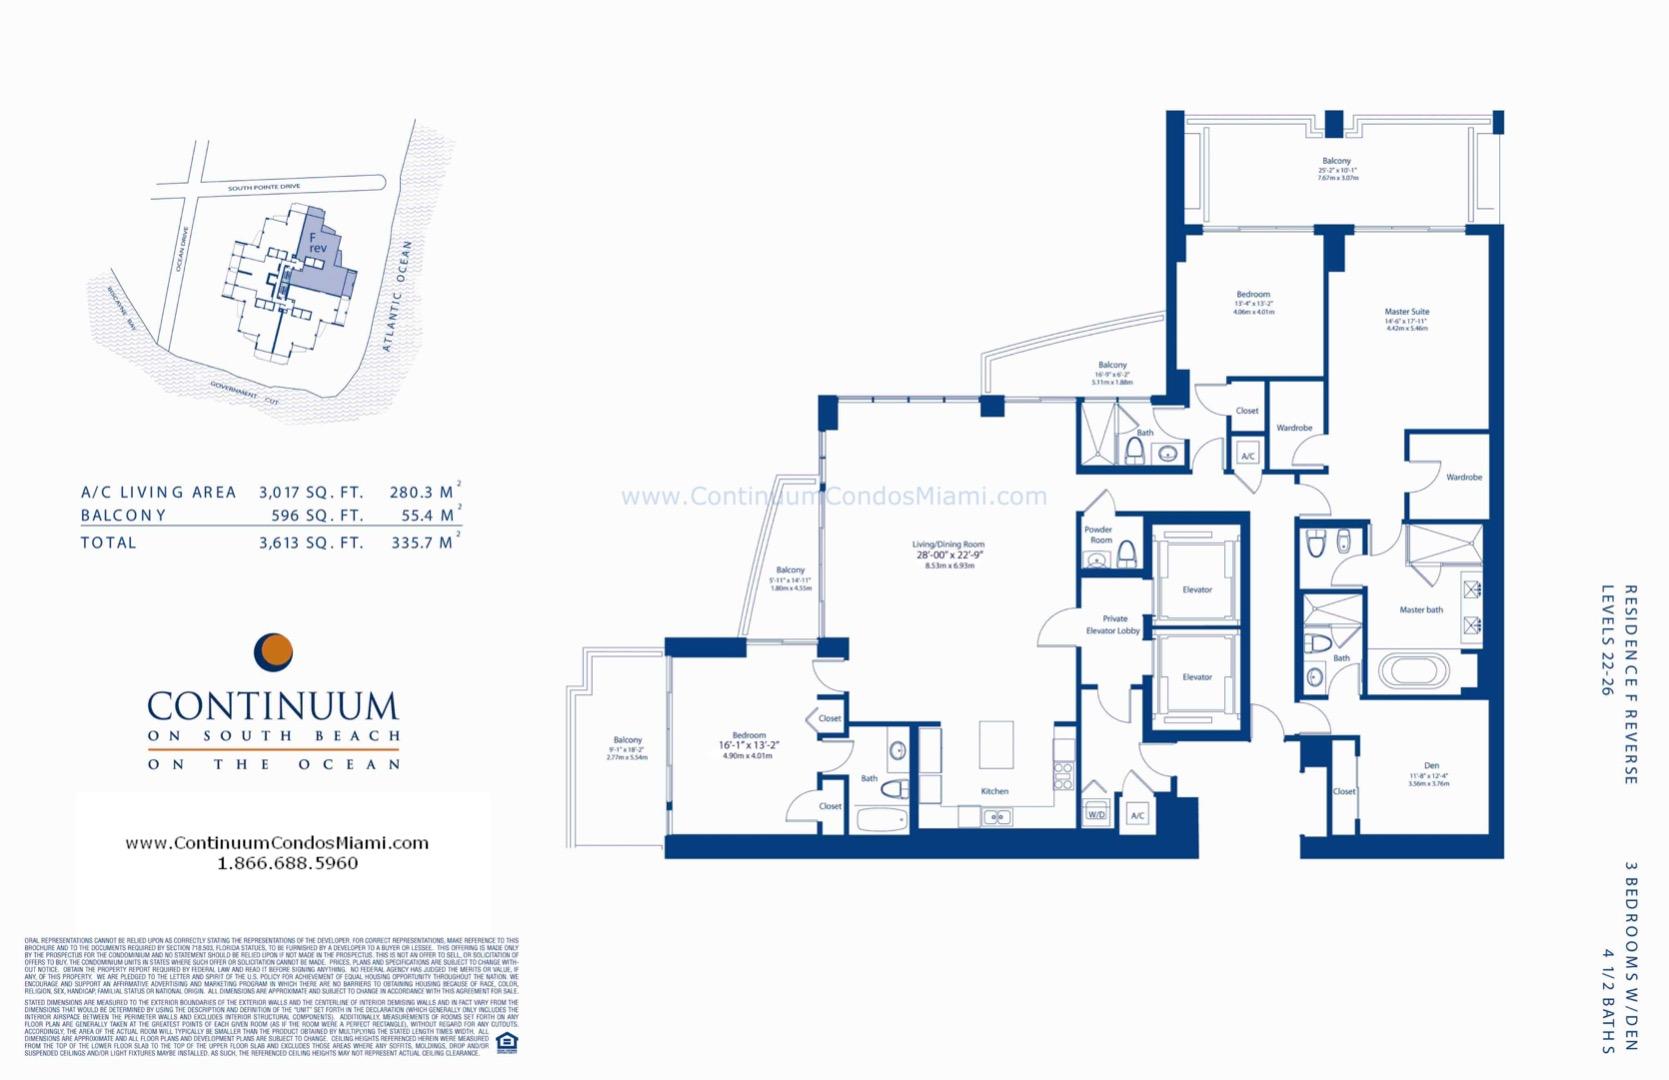 Floor plan image F-reversed - 3/4/1  - 3017 sqft image